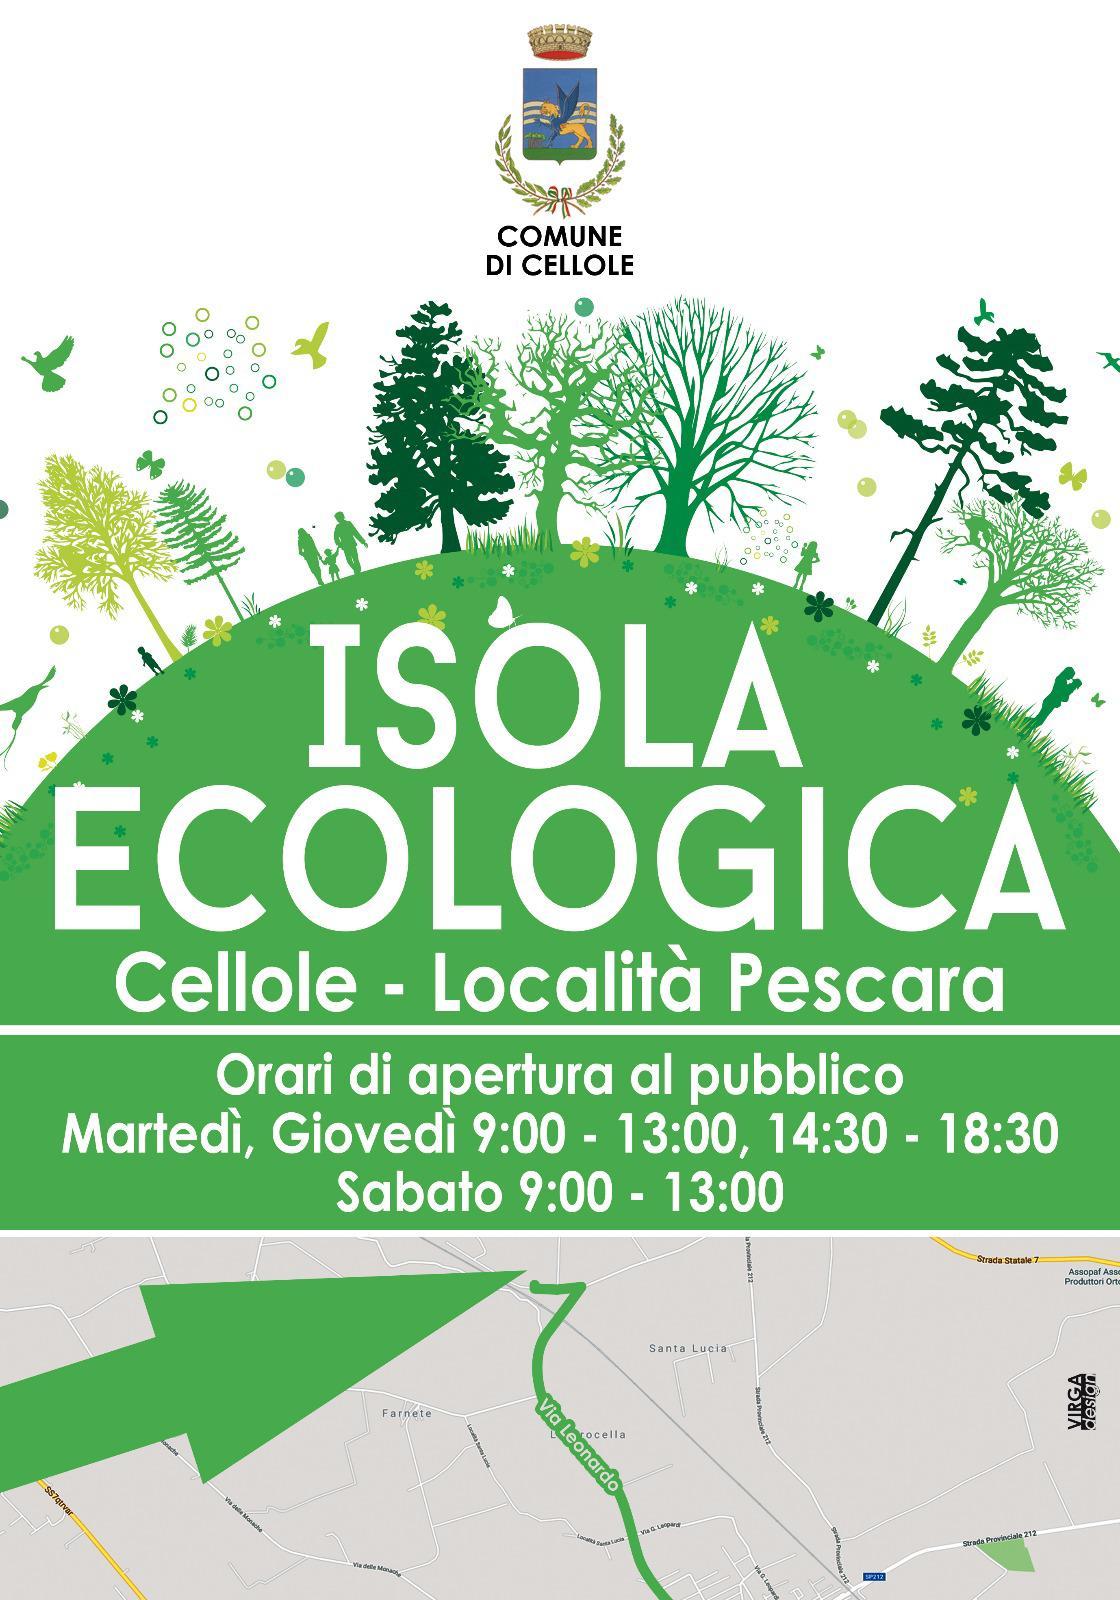 Raccolta Differenziata Isola Ecologica